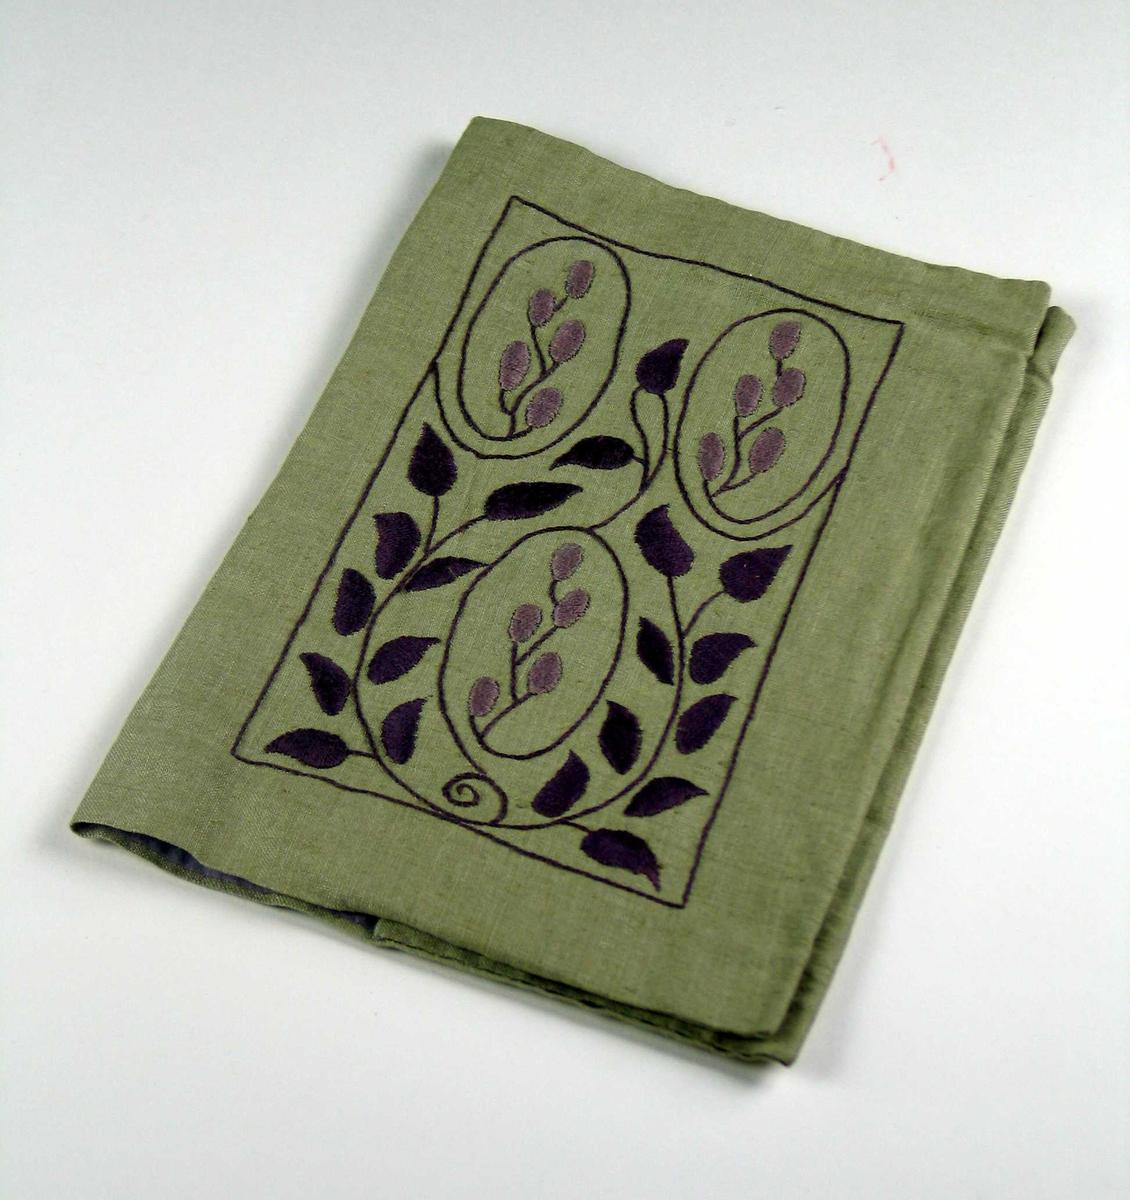 Grønt bokomslag i lin fôret med lilla silke. Forsiden har lilla blomsterbroderi. Baksiden har et brodert monogram i to lilla nyanser.